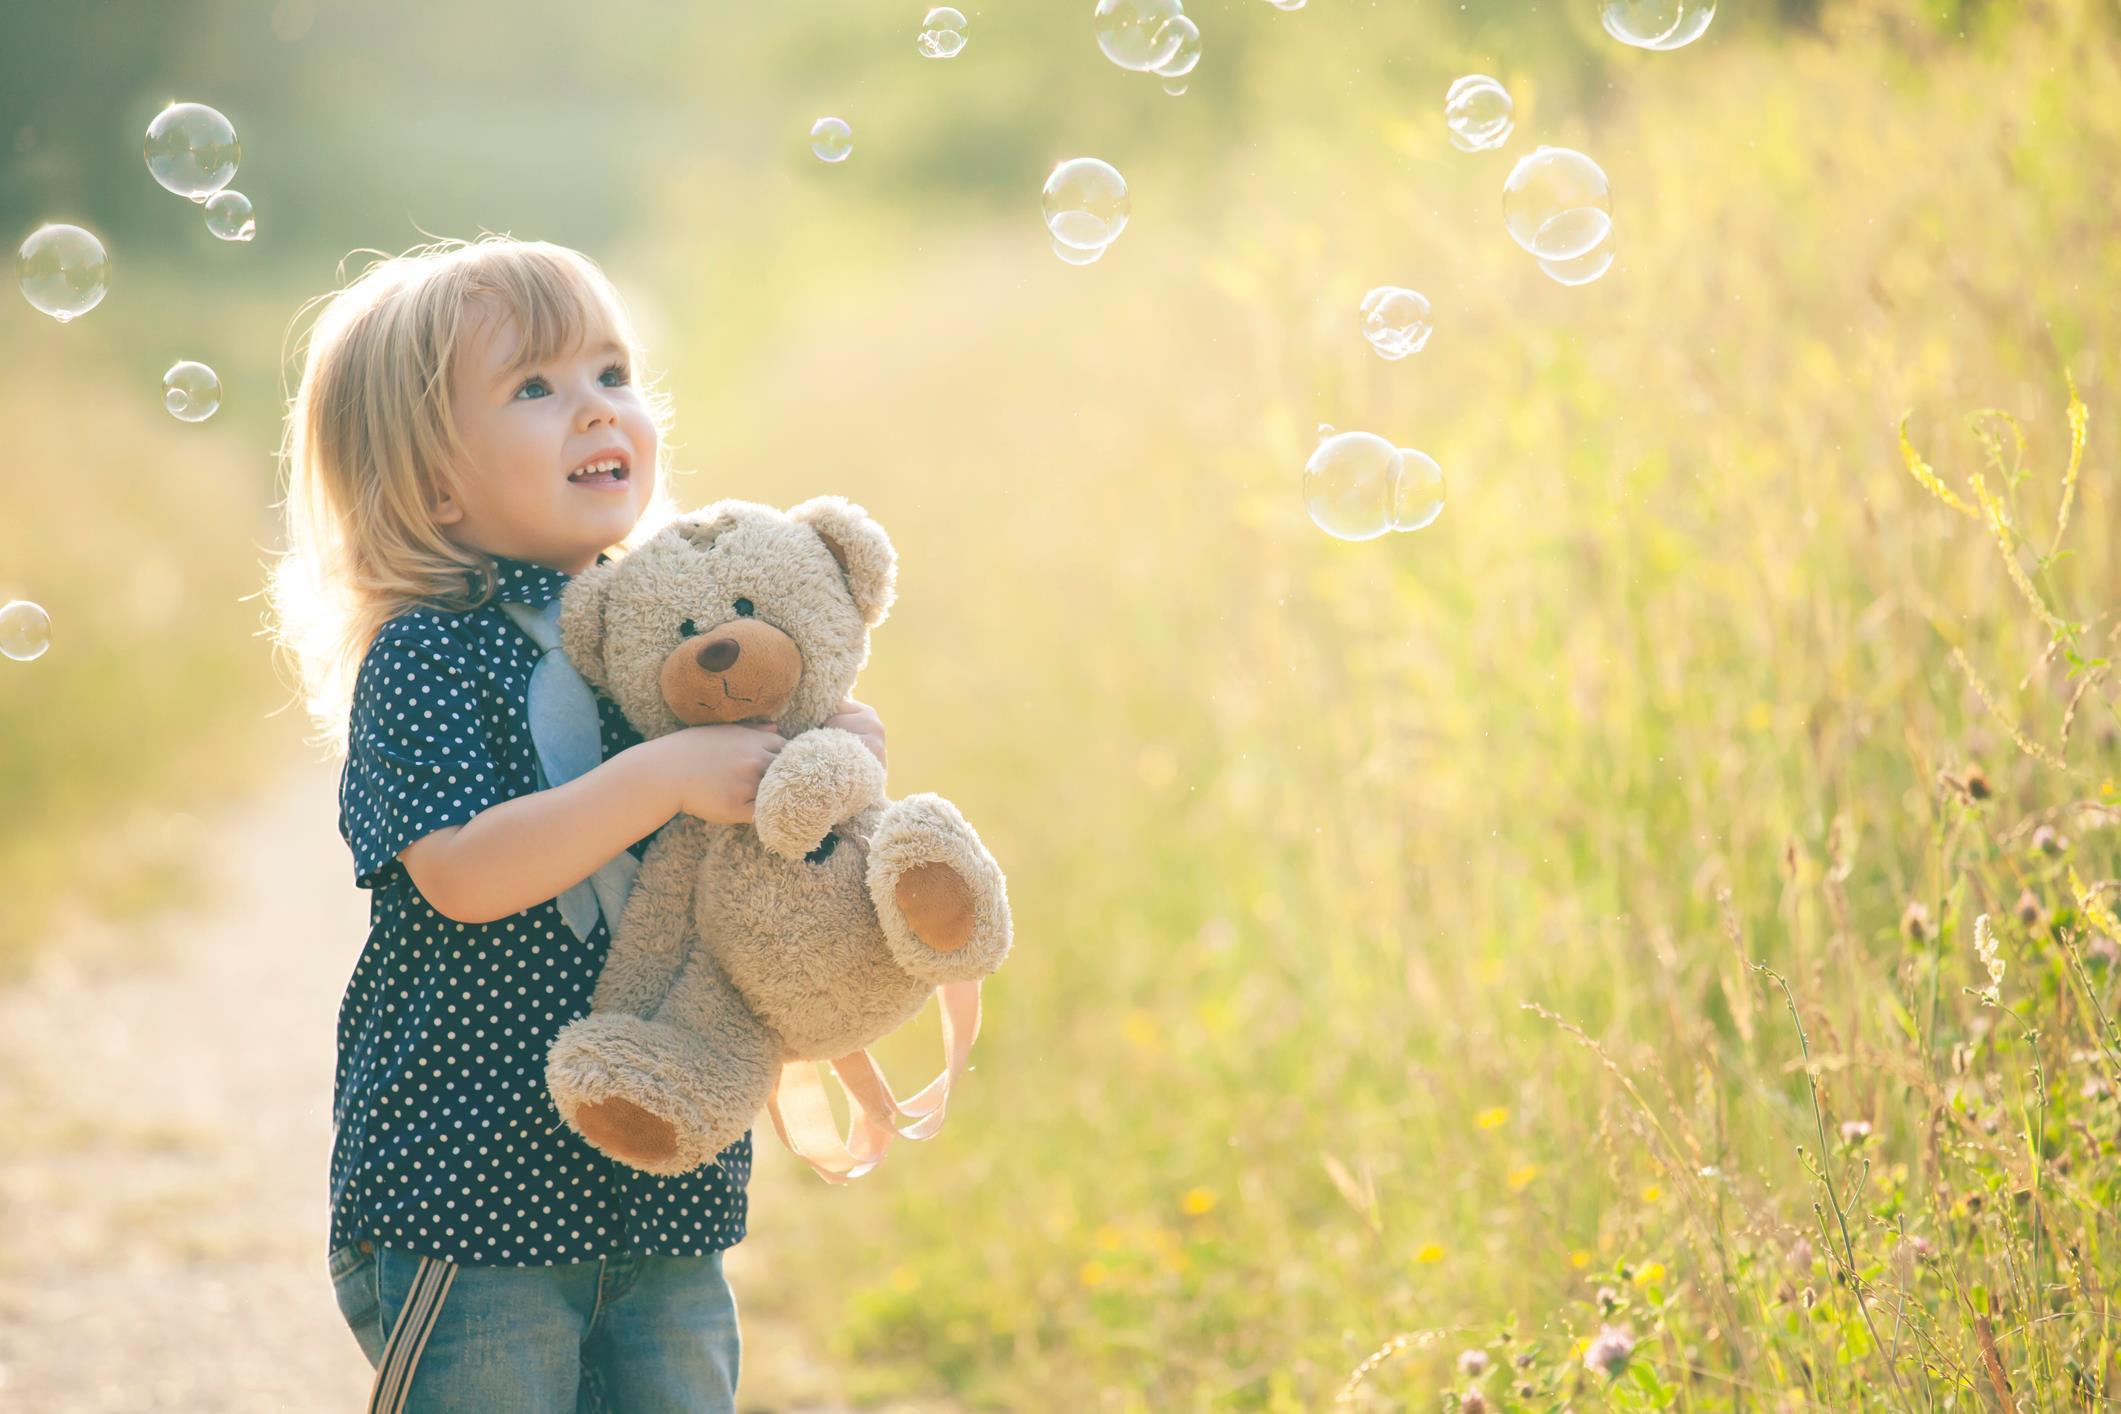 Bambina con un peluche in braccio